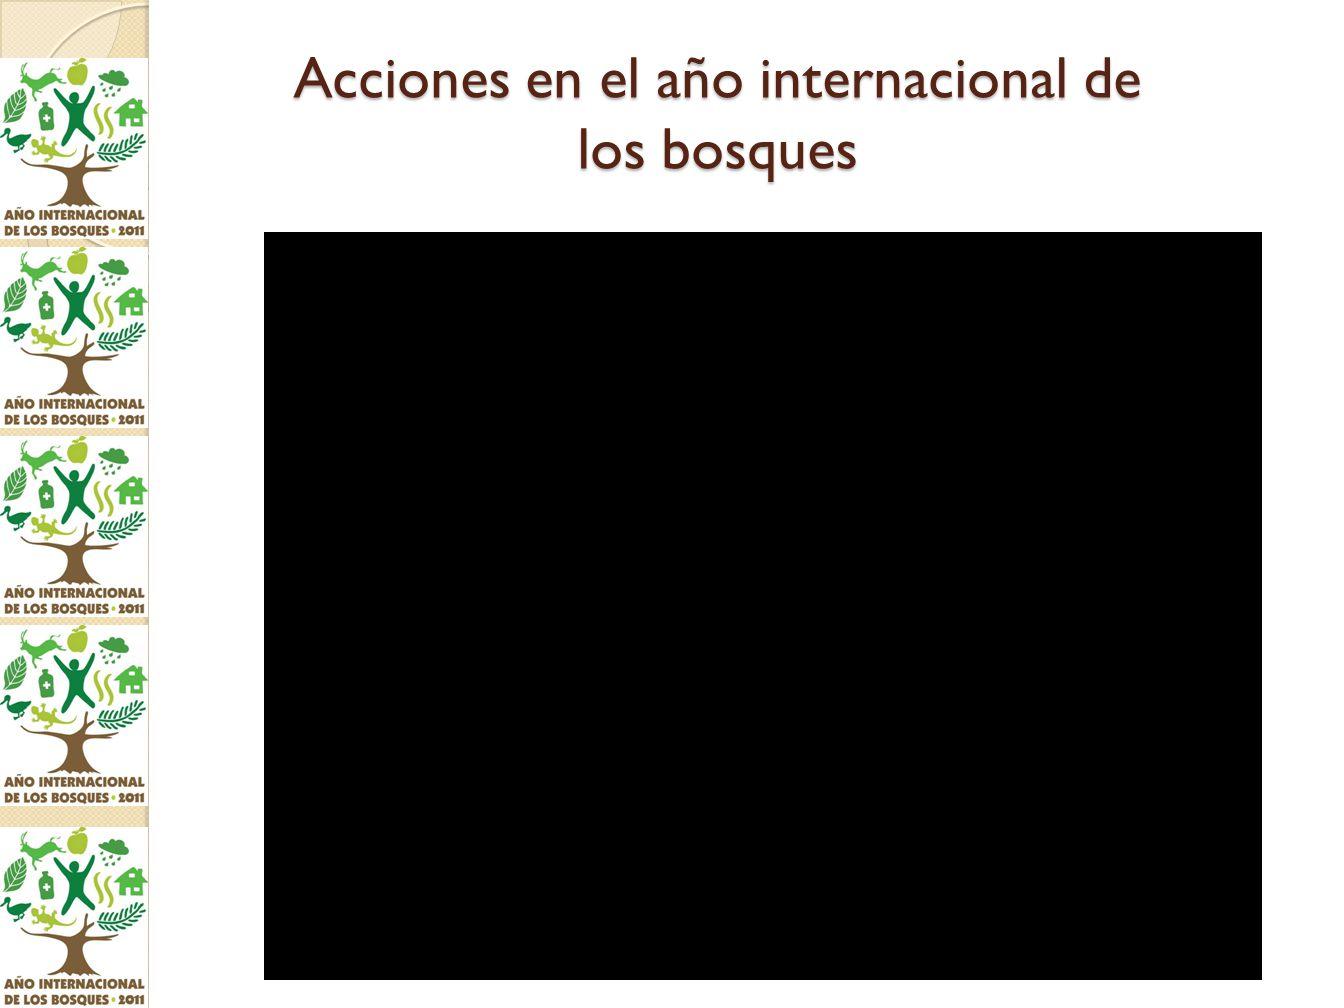 Acciones en el año internacional de los bosques